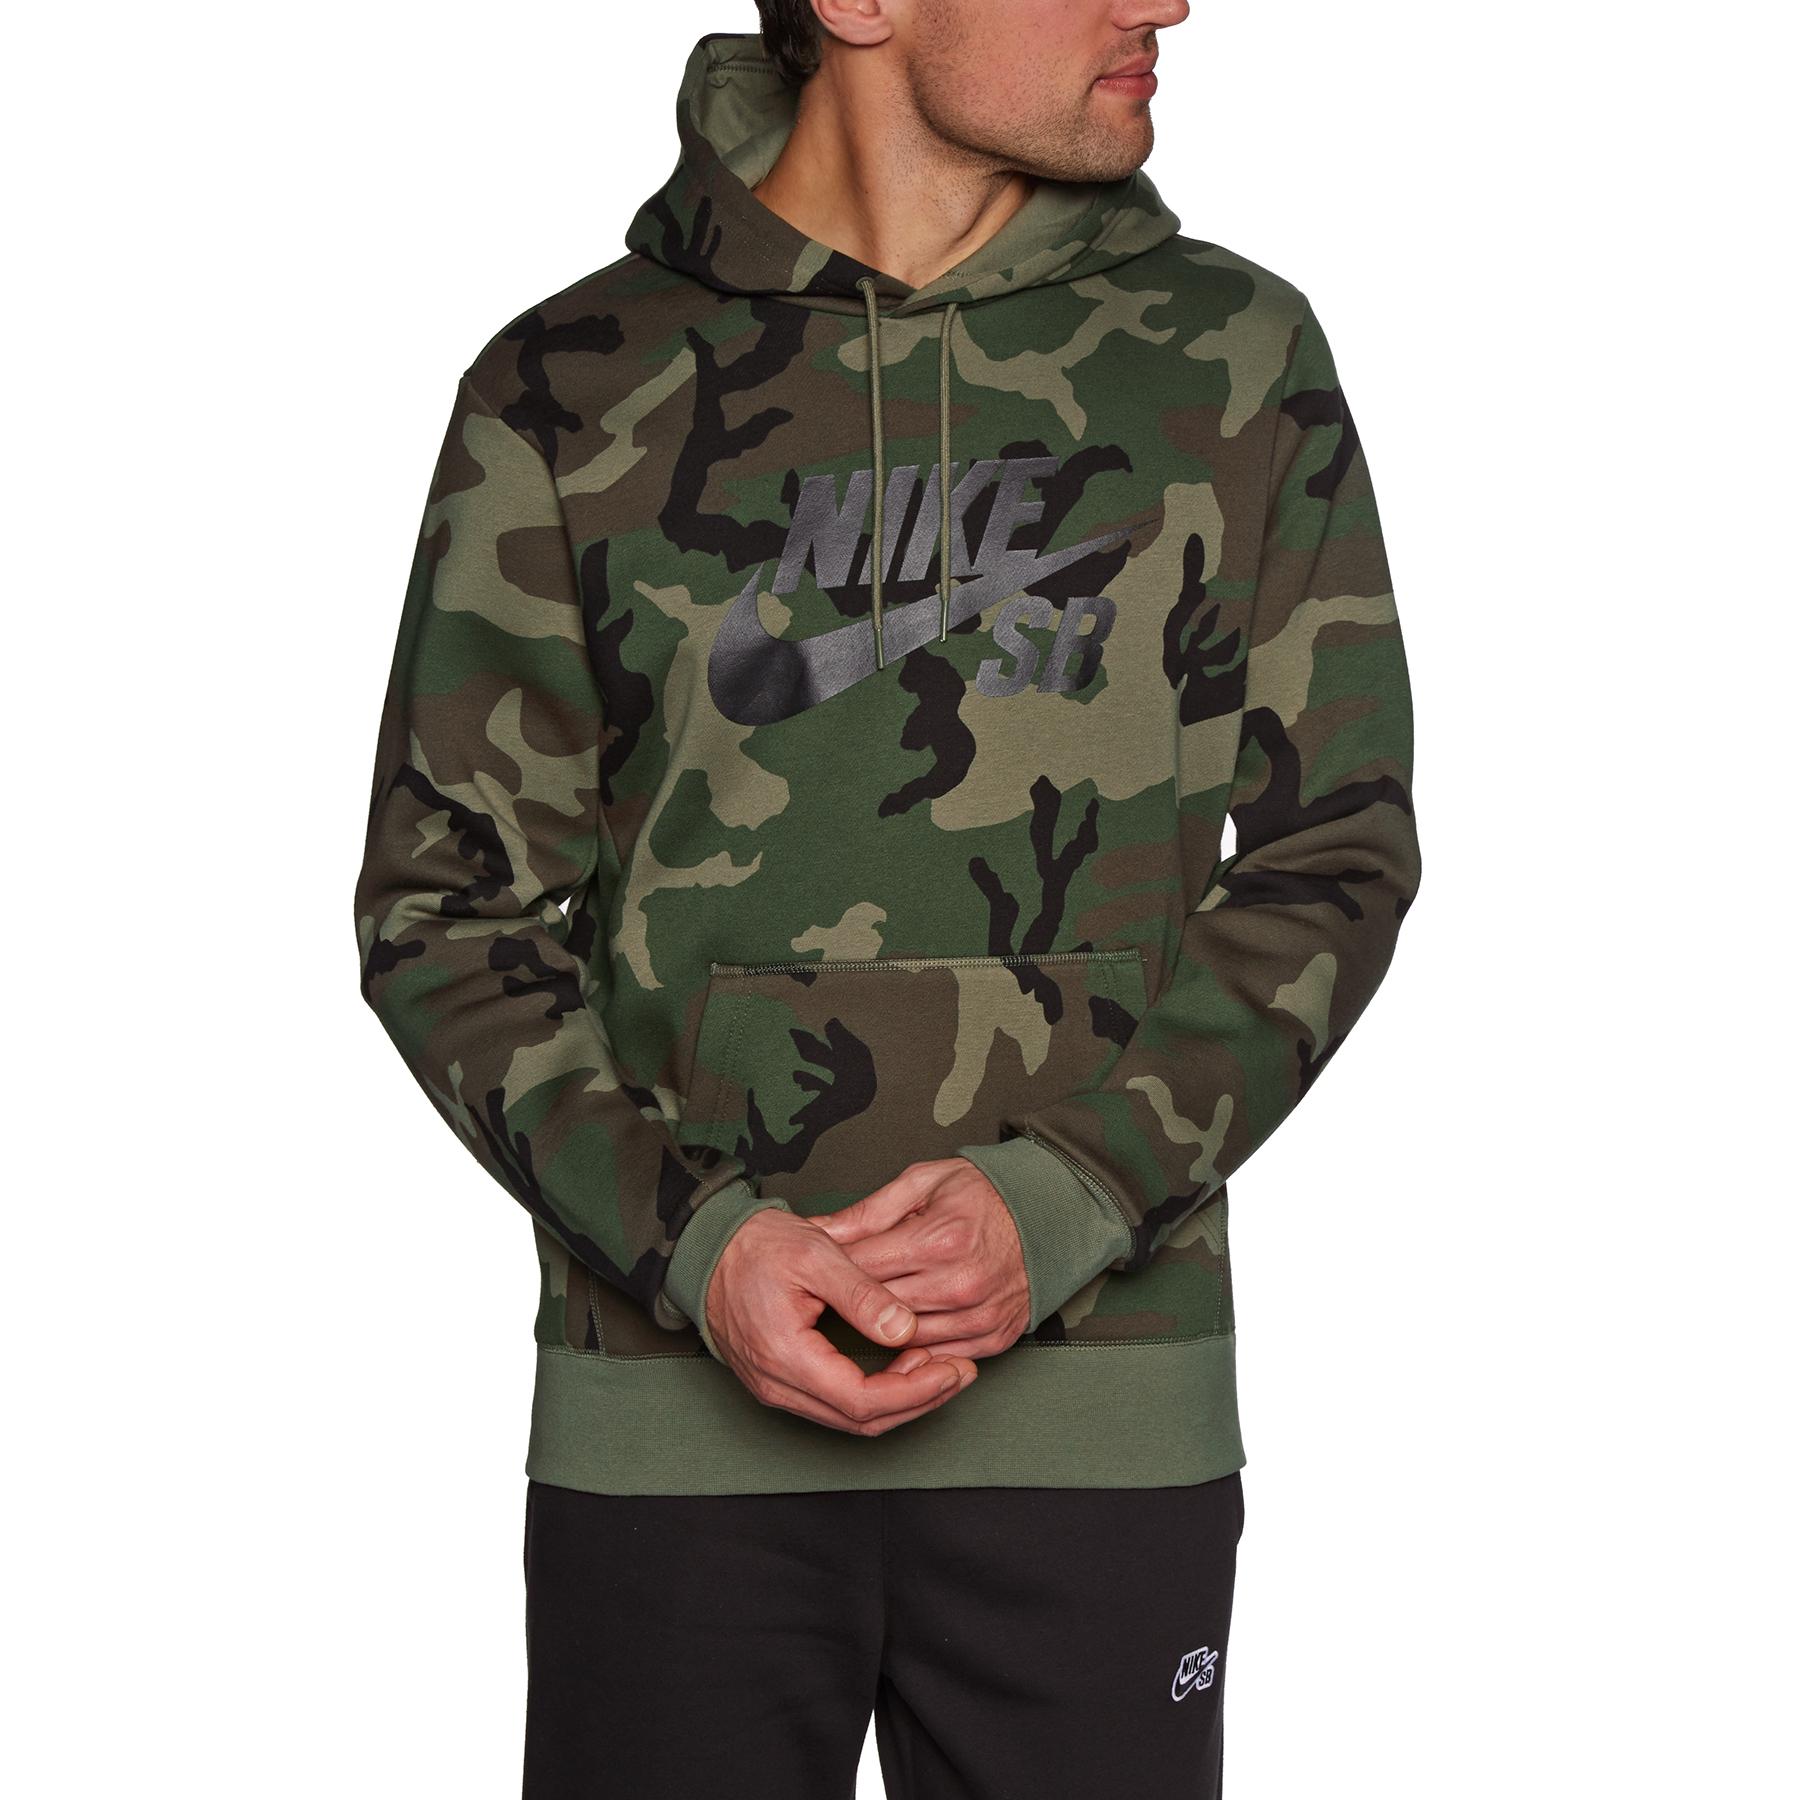 Pullover à Capuche Nike SB Icon Erdl Camo | Livraison gratuite dès 30€ d'achat en France* sur Surfdome